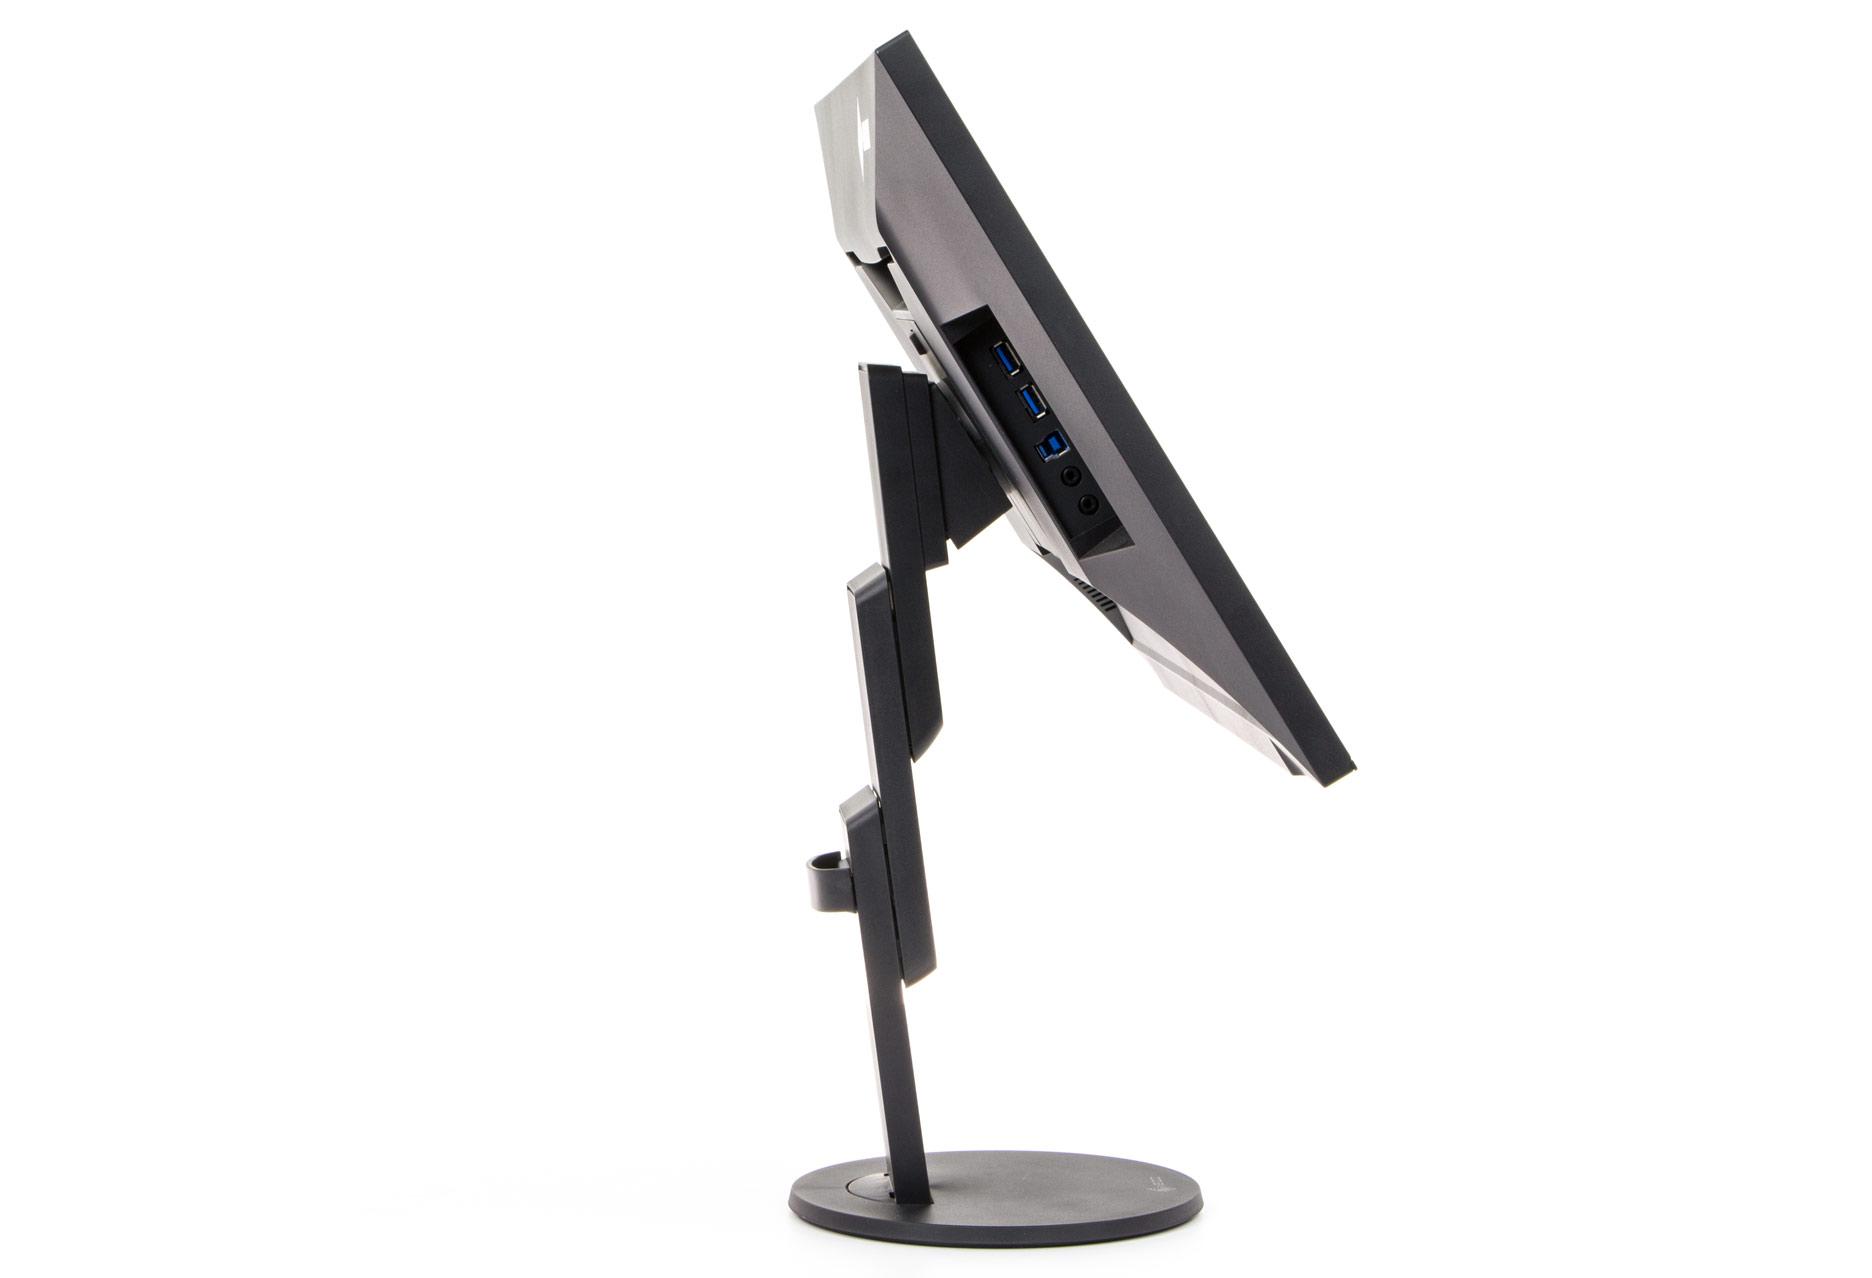 Eizo FlexScan EV2456 maksymalna wysokość, maksymalne odchylenie